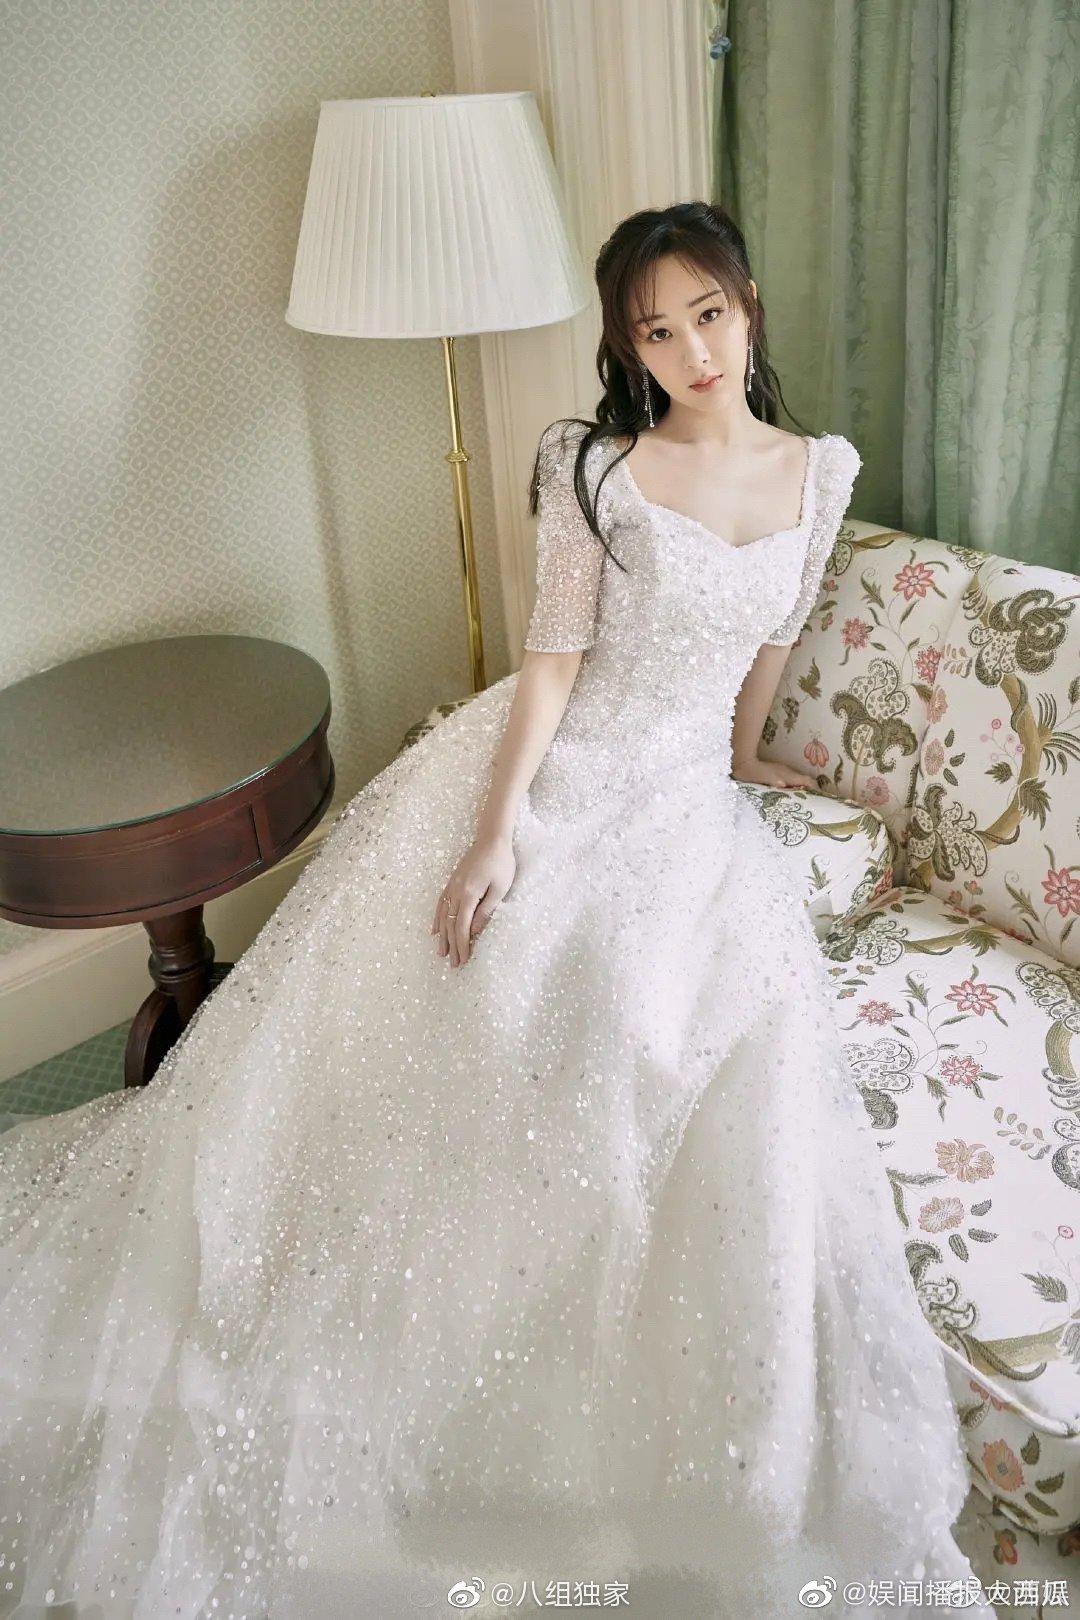 Tham dự sự kiện mới đây, Dương Tử diện bộ váy trắng muốt lấp lánh như công chúa. Bộ đầm có kiểu dáng cổ vuông, tay bồng nhẹ nhàng, rất phù hợp với vóc dáng của nữ diễn viên.